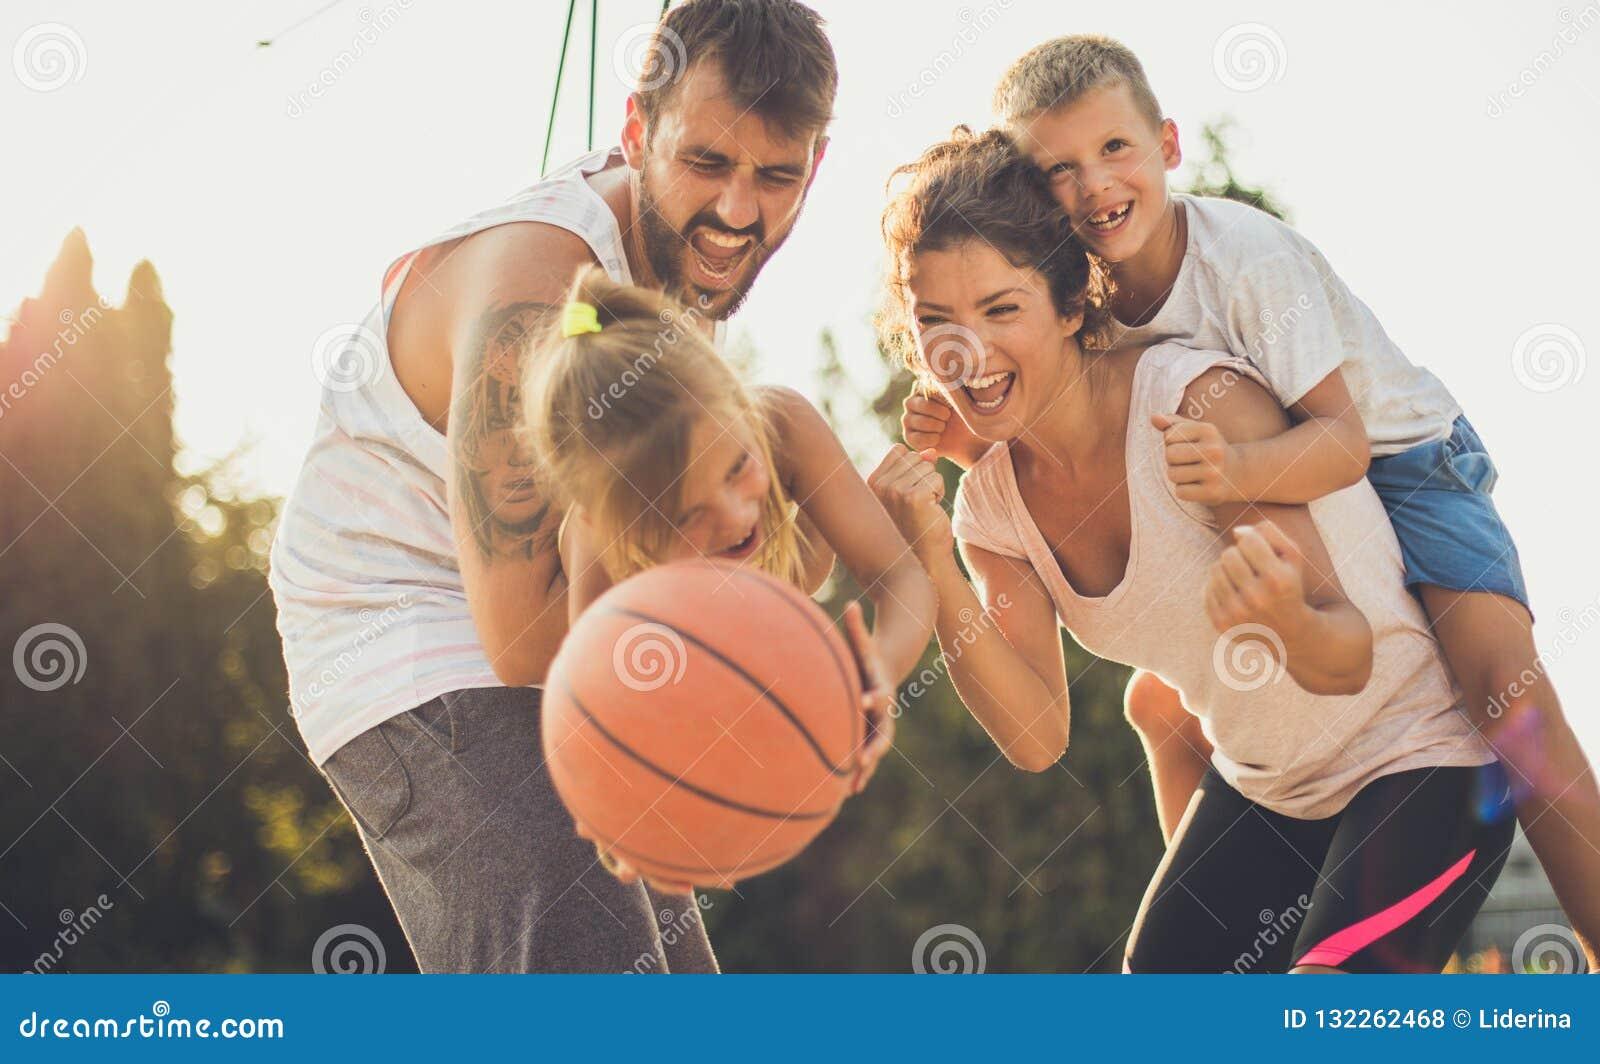 Deje a sus niños ser felices con usted